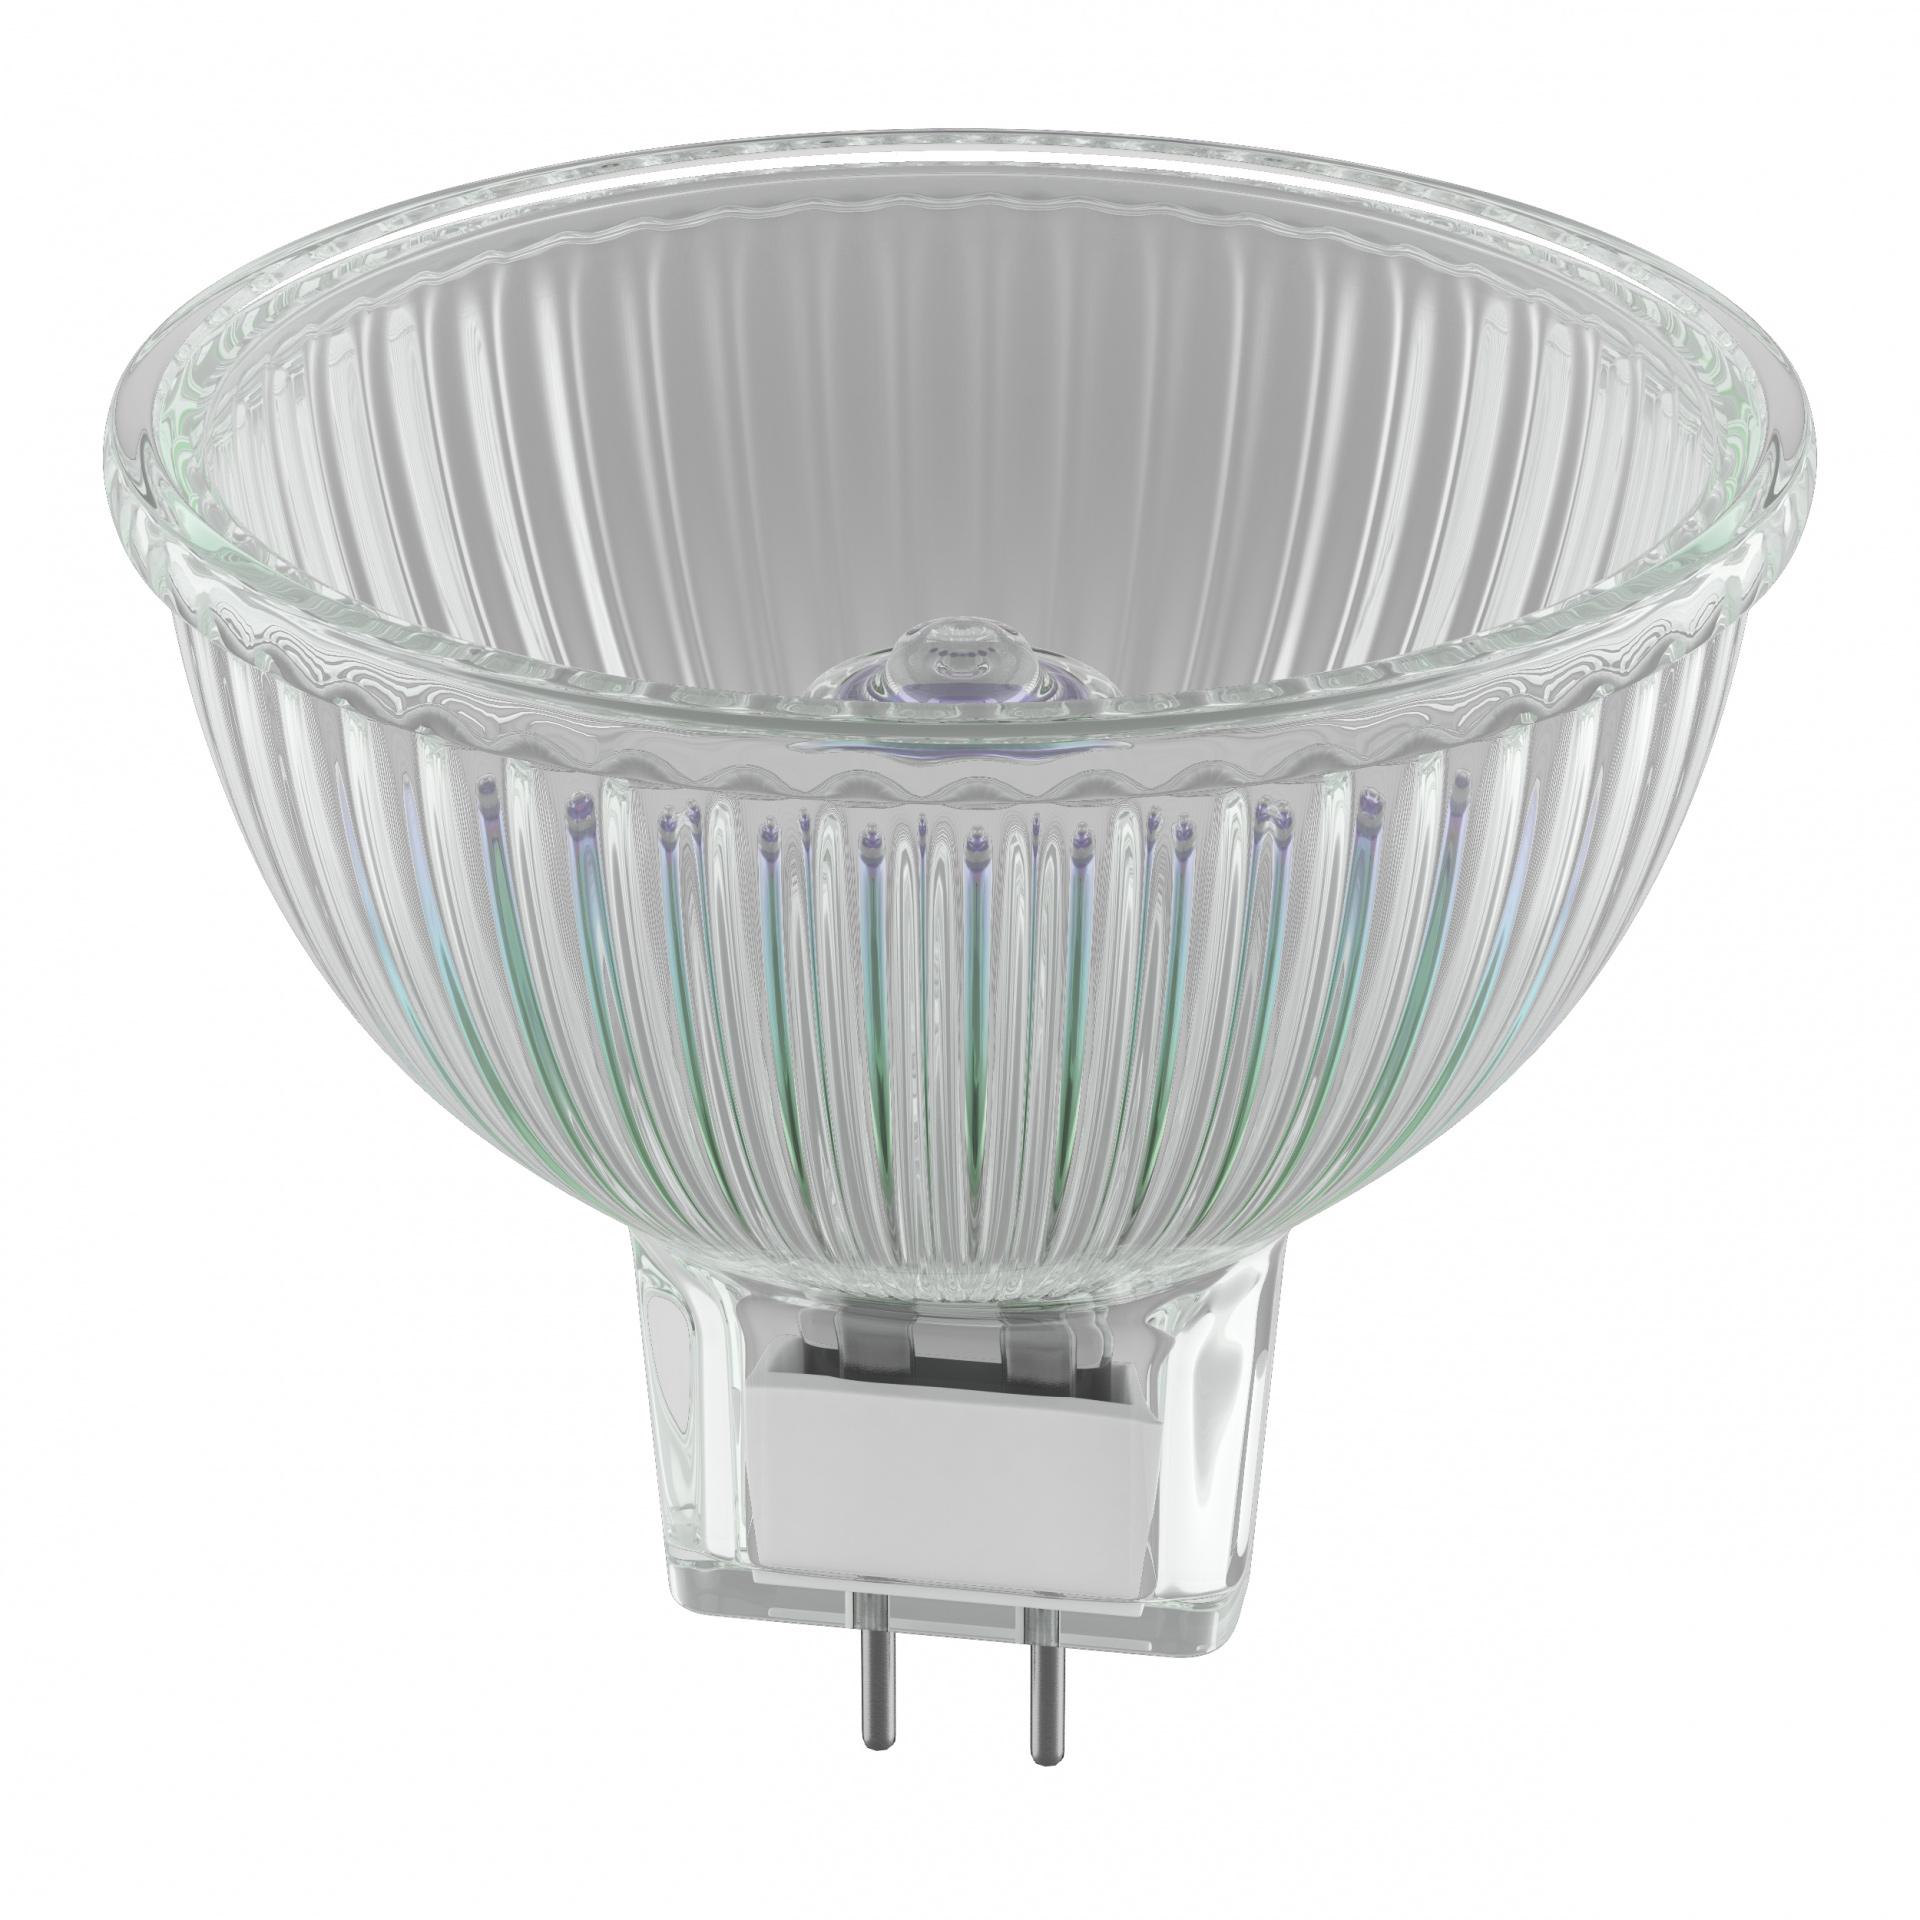 Лампа HAL 12V MR16 G5.3 35W 60G FR RA100 2800K 2000H DIMM Lightstar 921215, купить в СПб, Москве, с доставкой, Санкт-Петербург, интернет-магазин люстр и светильников Starlight, фото в жизни